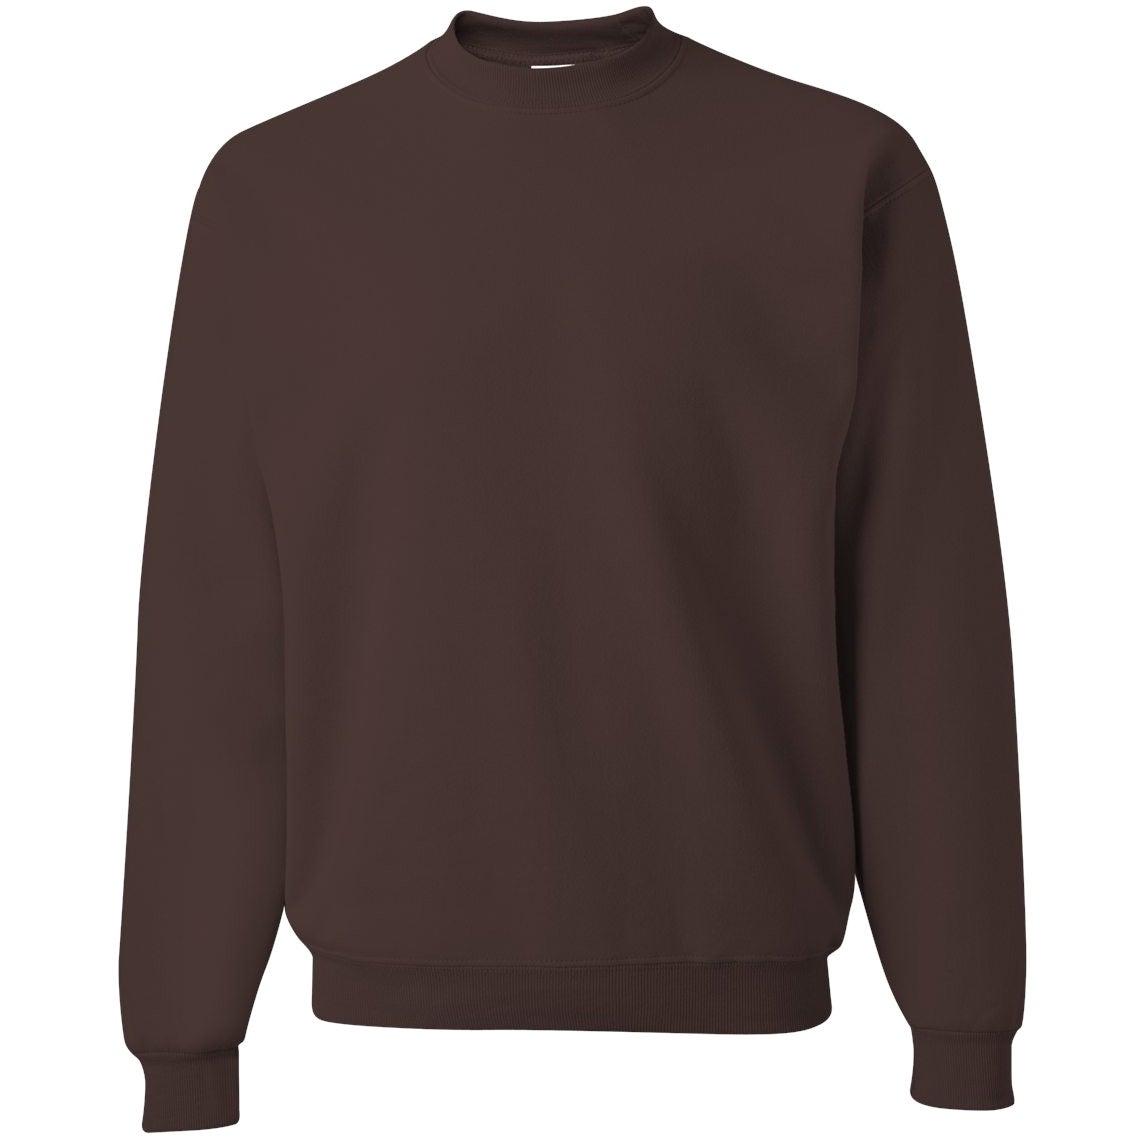 Jerzee NuBlend Crewneck Sweatshirt (Colors)